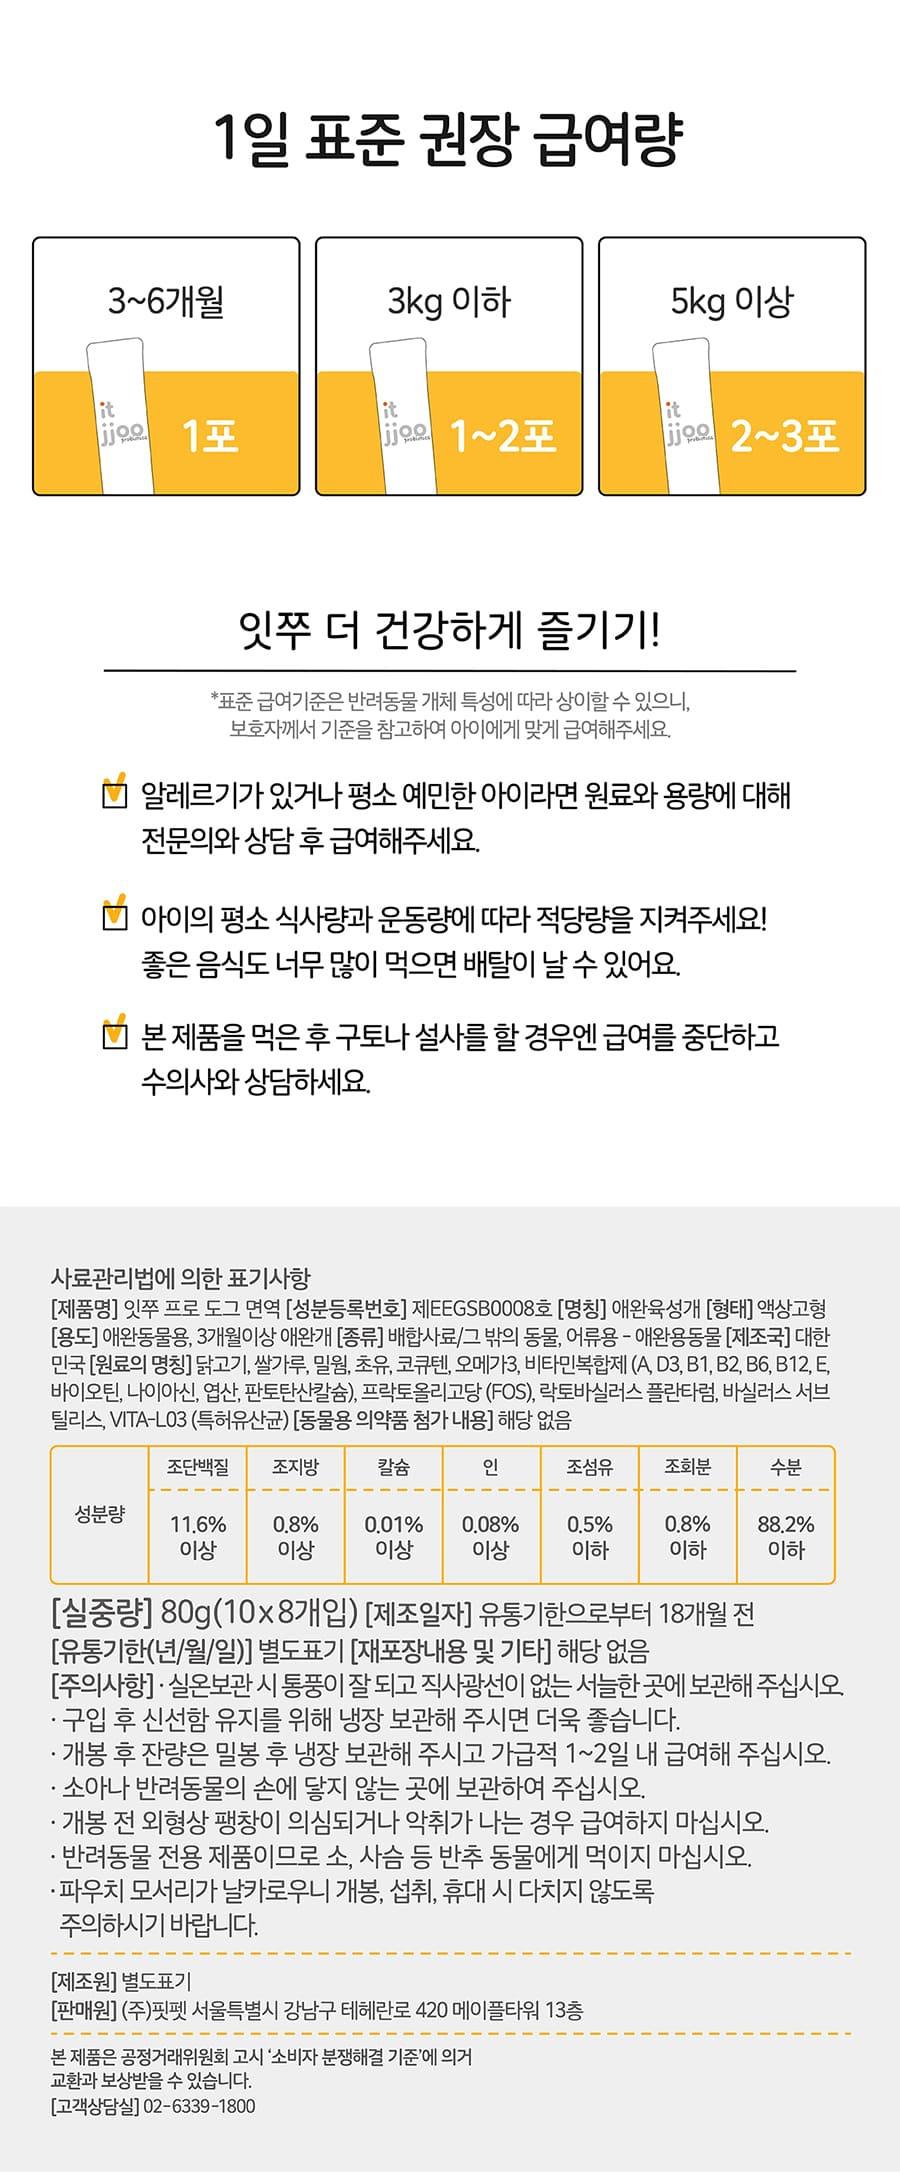 It 잇쭈 프로 도그 3종 (구강/비만/면역)-상품이미지-32